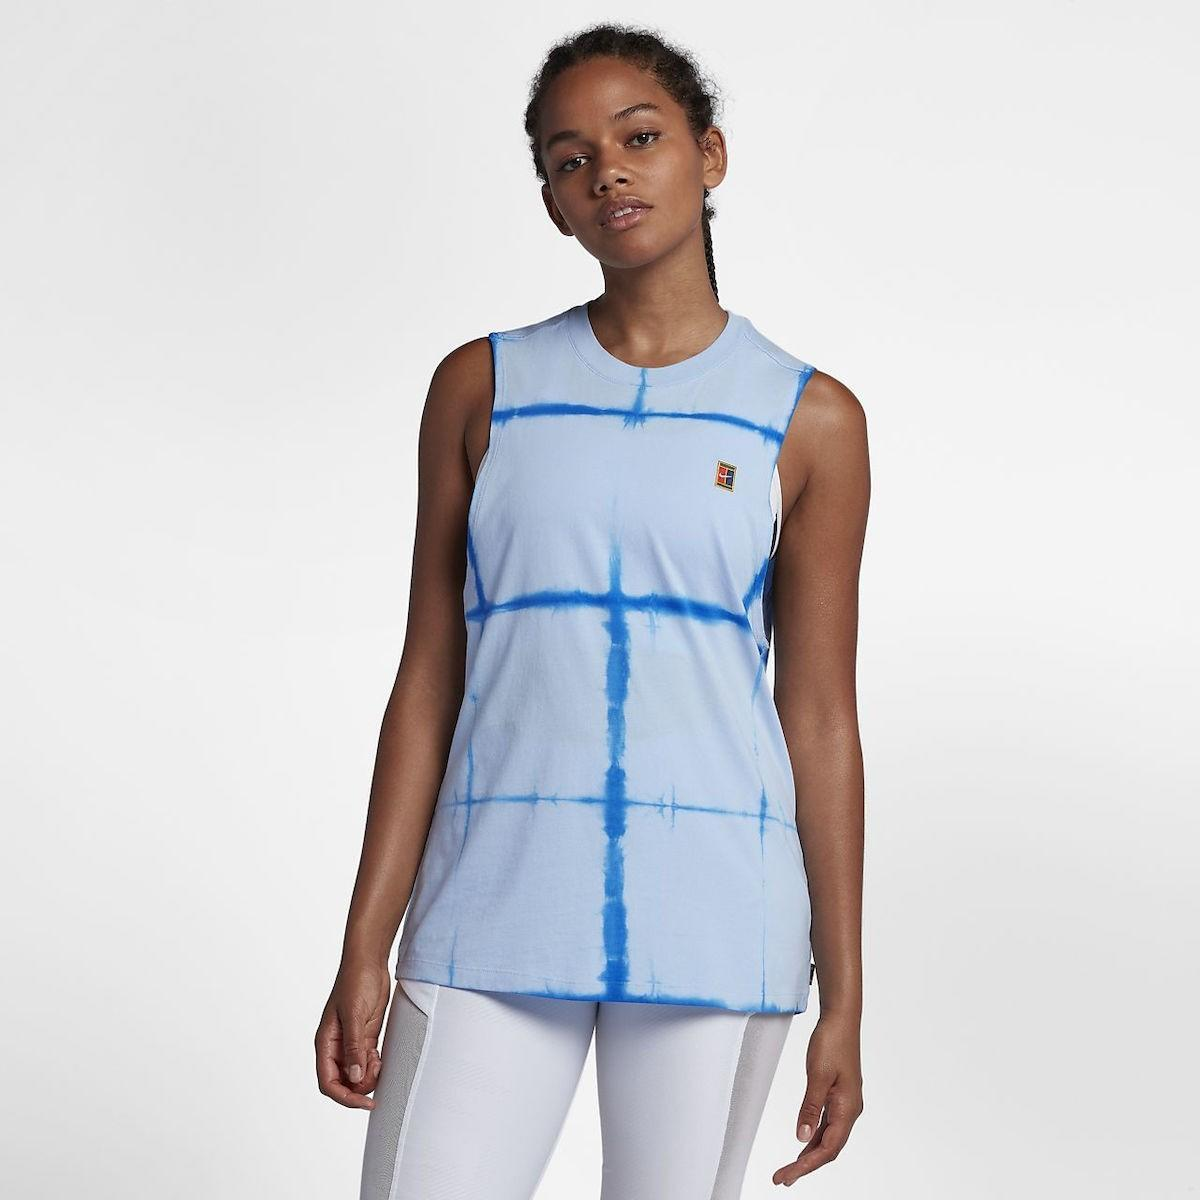 Теннисная майка женская Nike Court Tank Tie Dye Muscle - royal tint